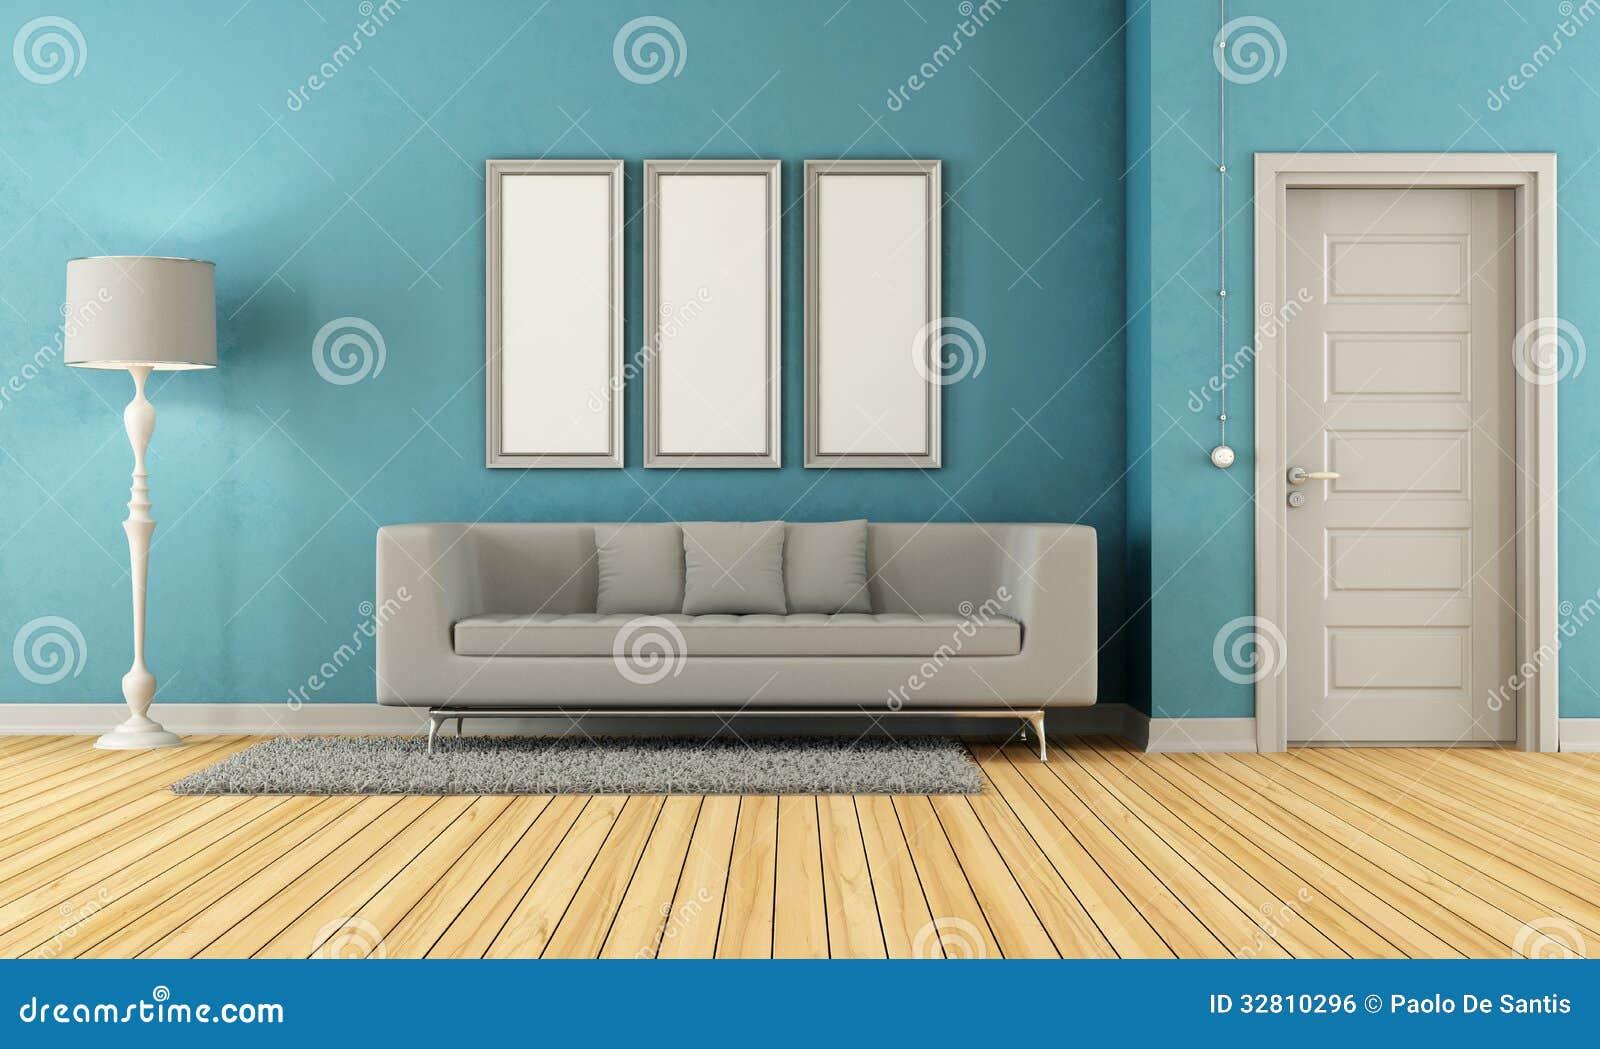 Sala De Estar Gris ~ Sala De Estar Azul Y Gris Imagen de archivo libre de regalías